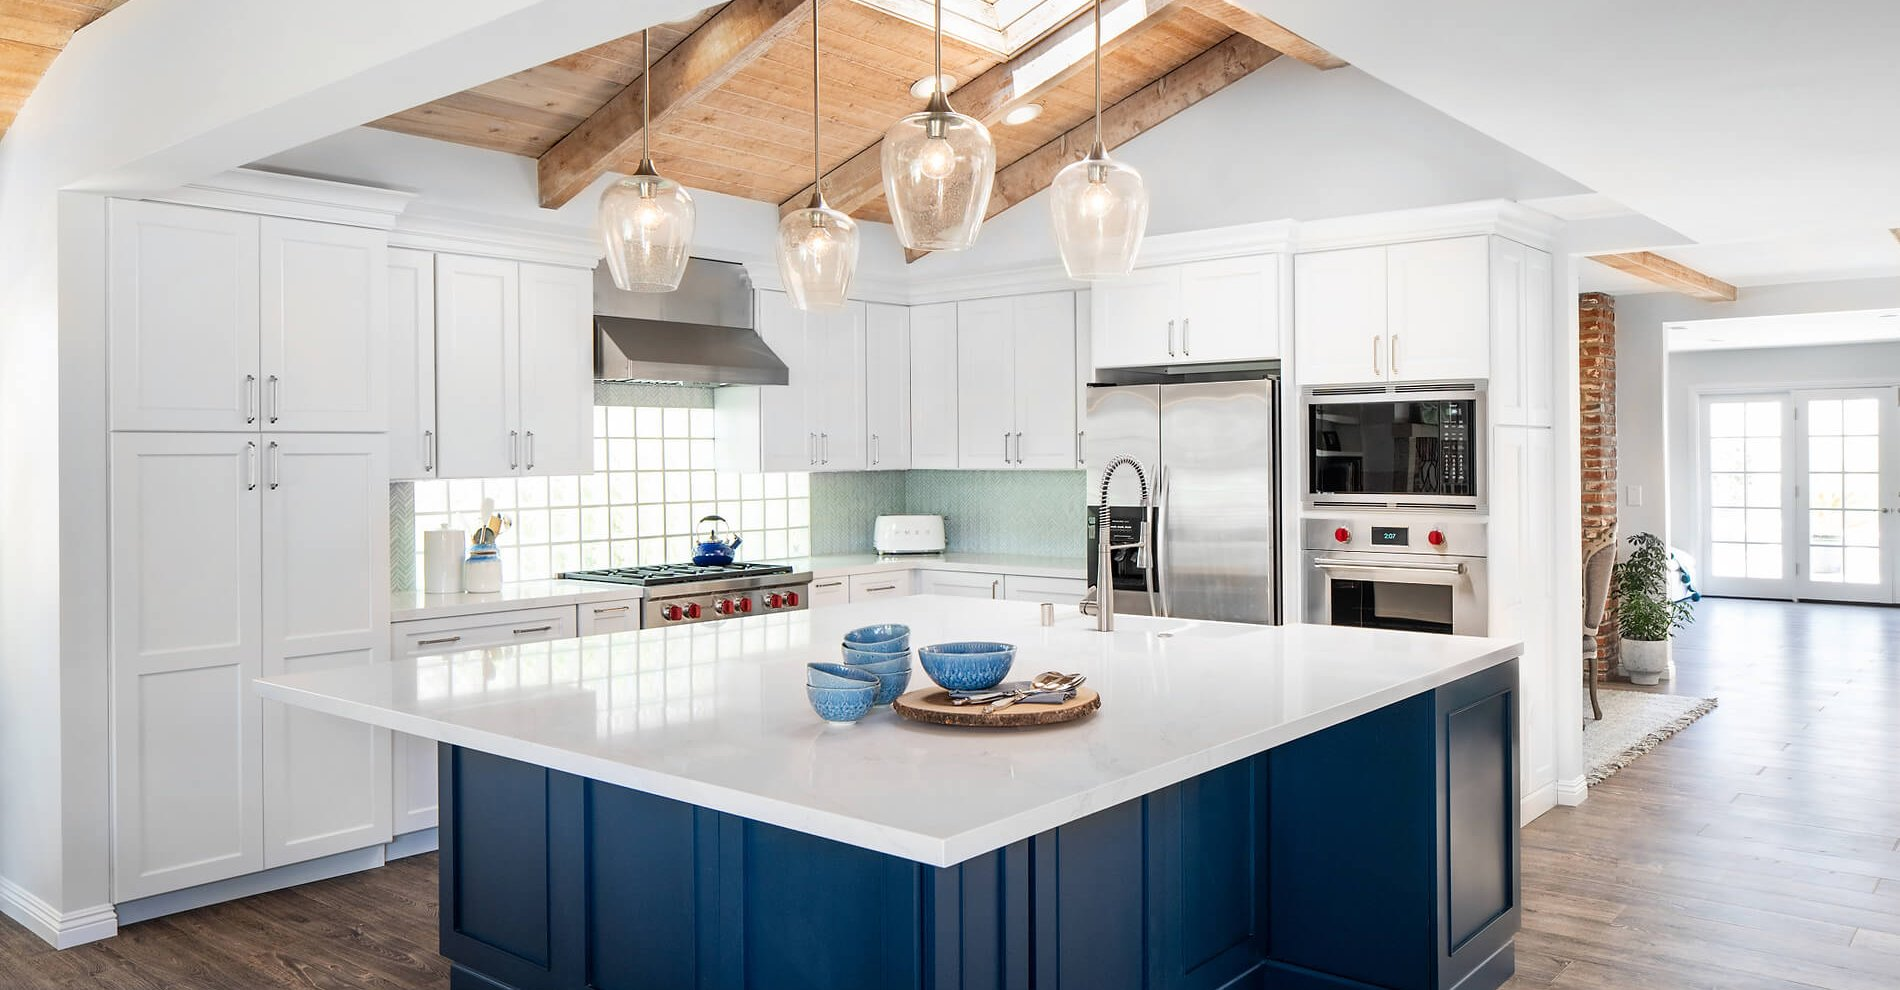 2020 HOT Kitchen Design